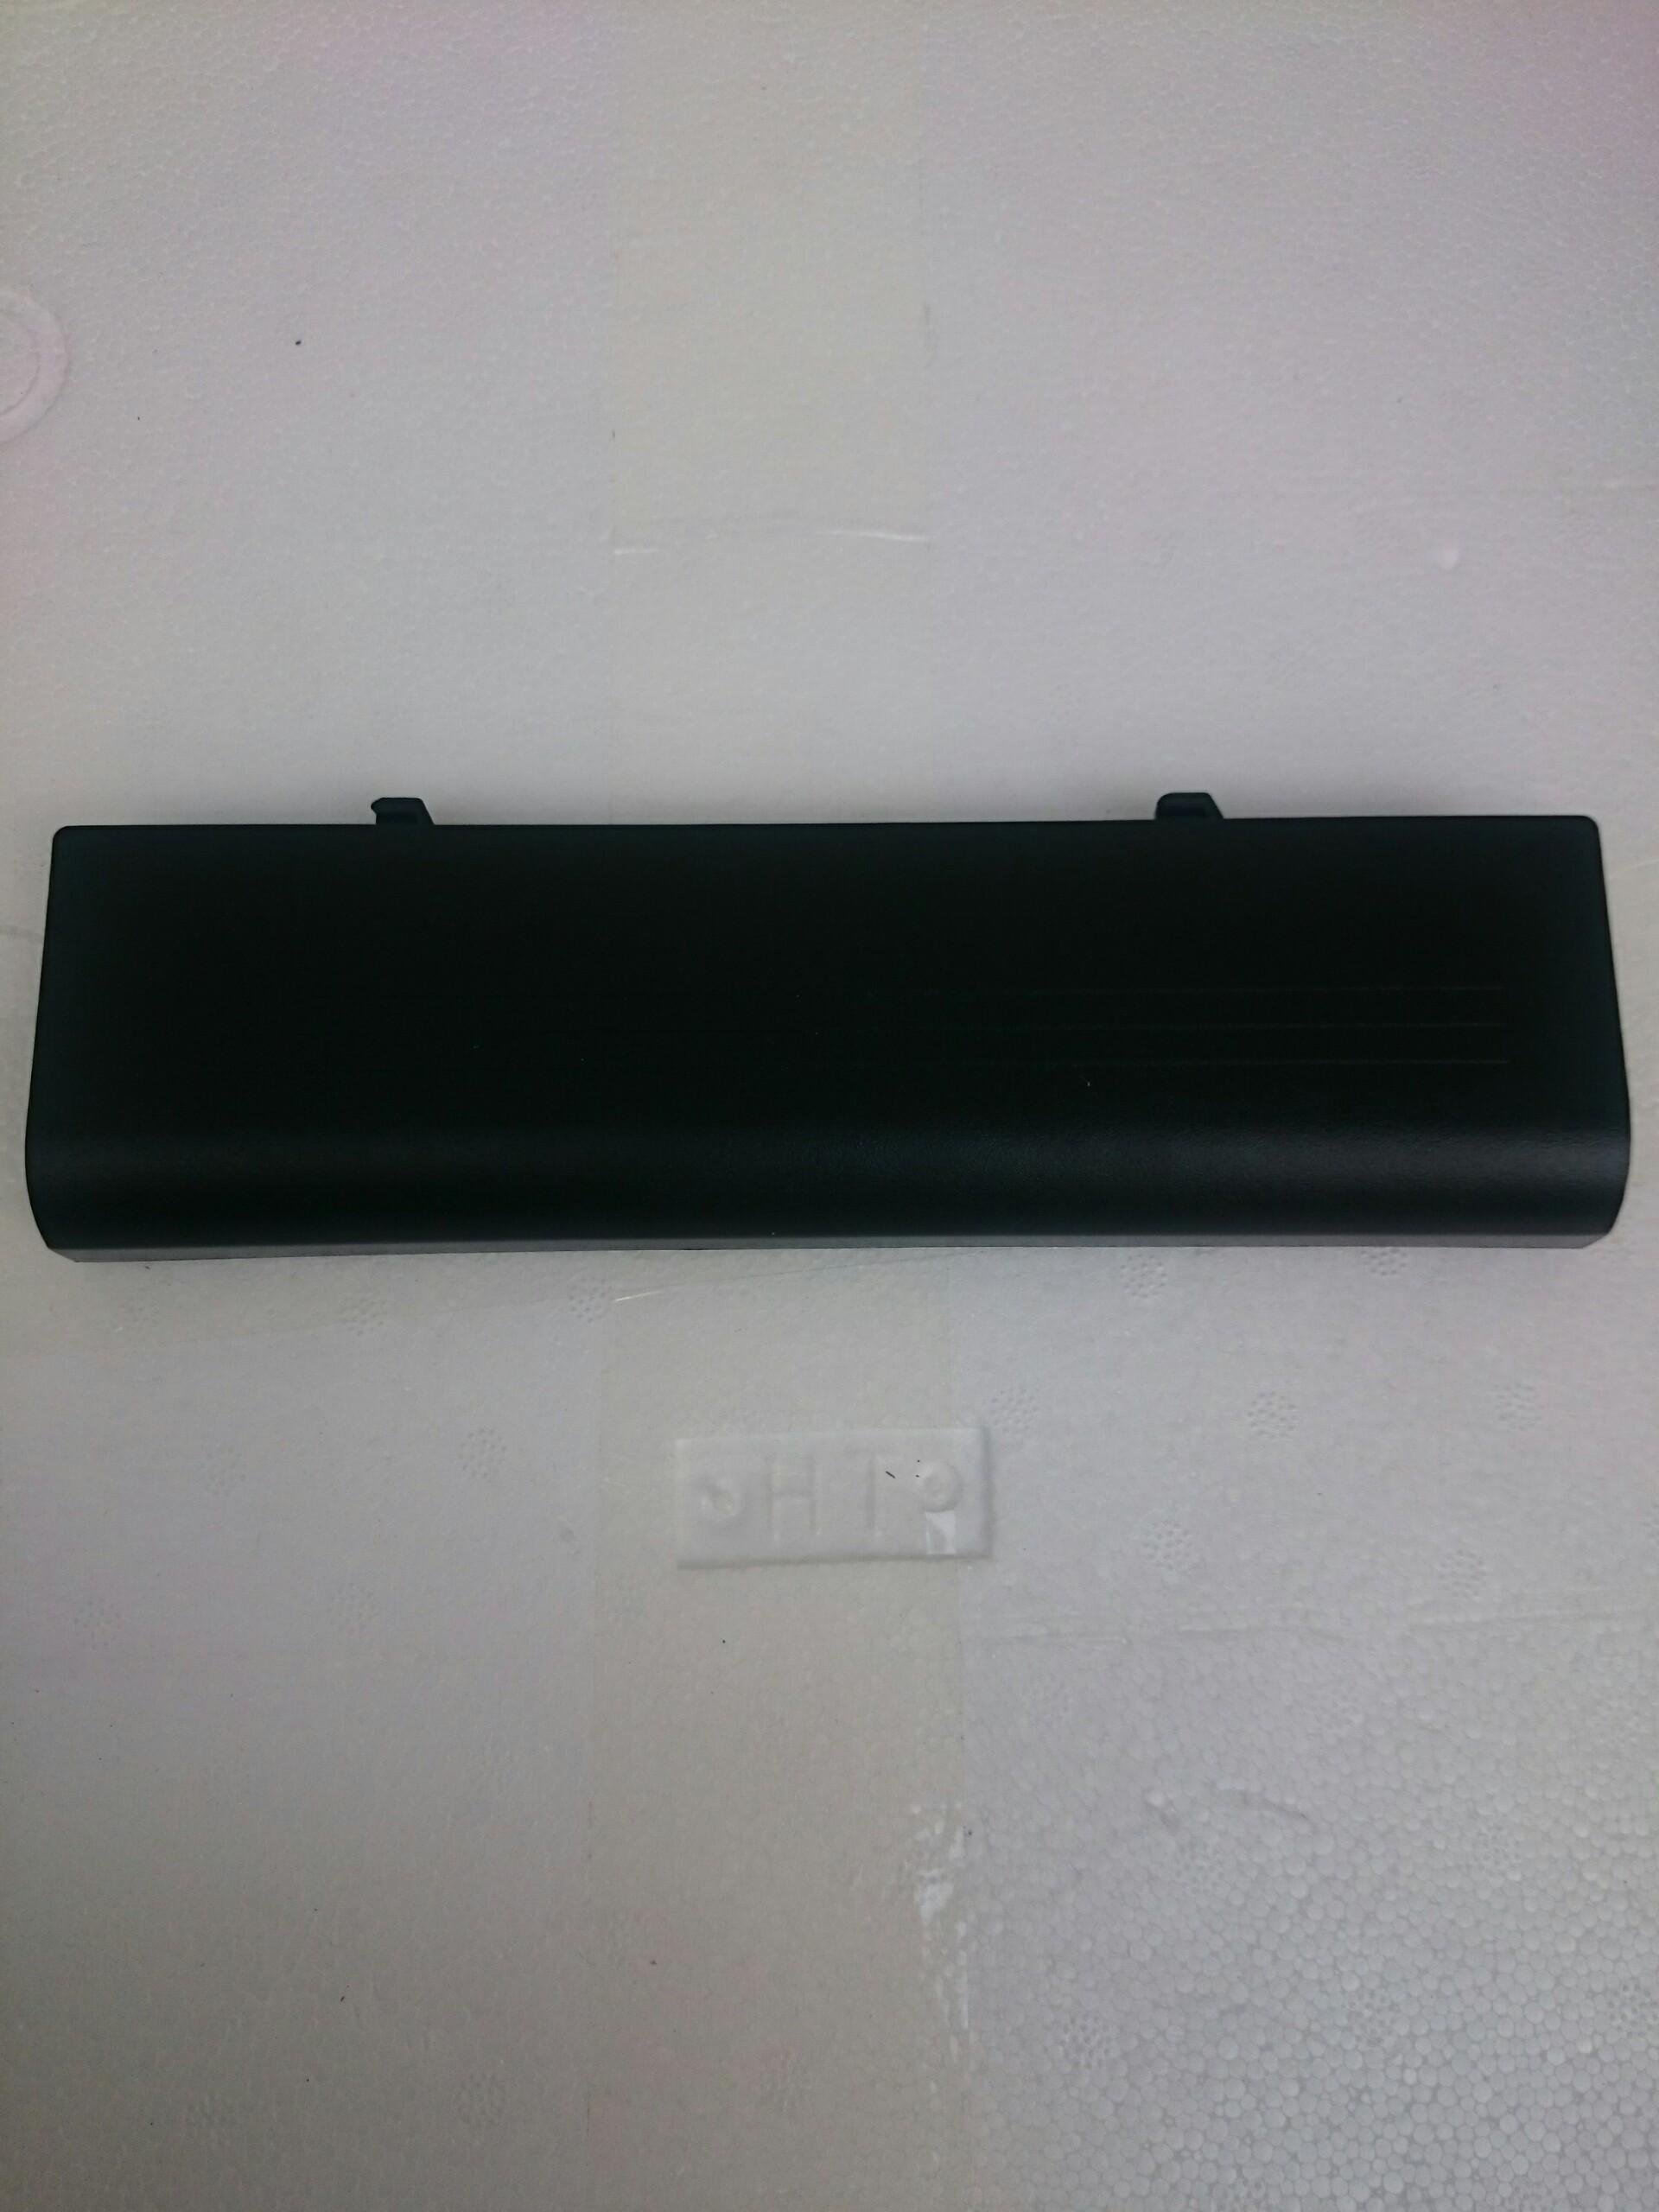 Pin Dành Cho Laptop Dell Inspiron 14V, N4020, N4030D, N4030, M4010 - Hàng Nhập Khẩu